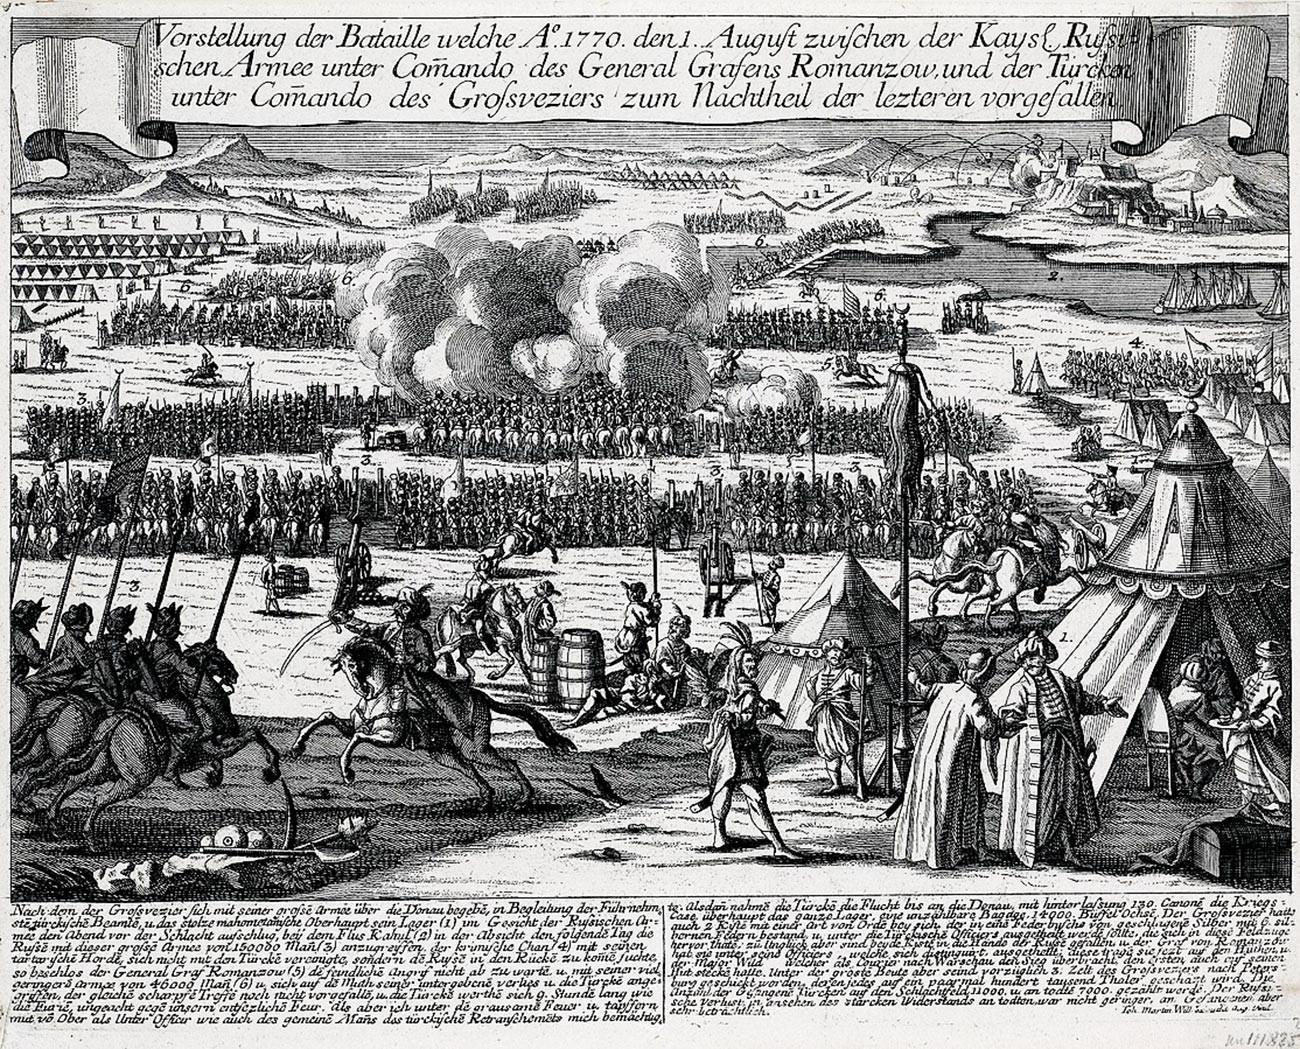 Schlacht von Kagul.